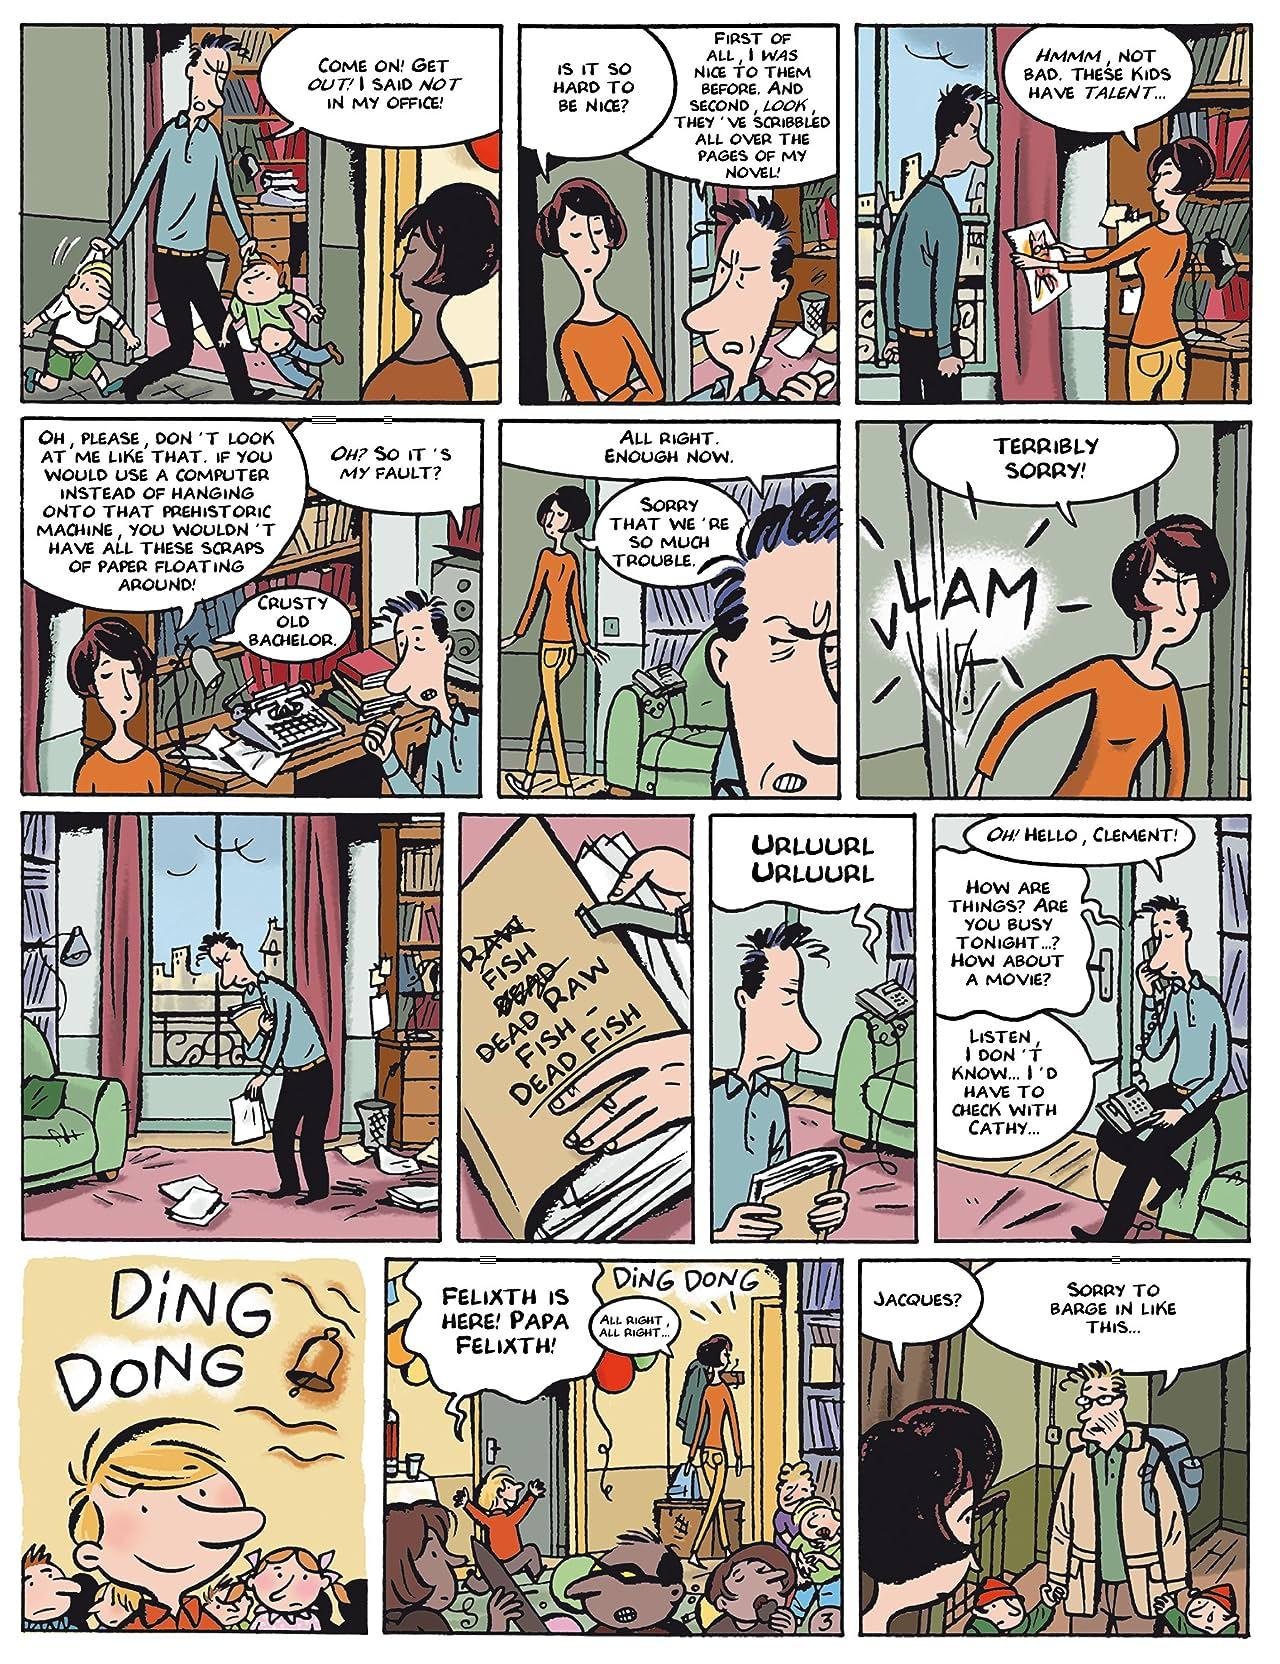 Monsieur Jean #4: Let's Be Happy But Not Show It